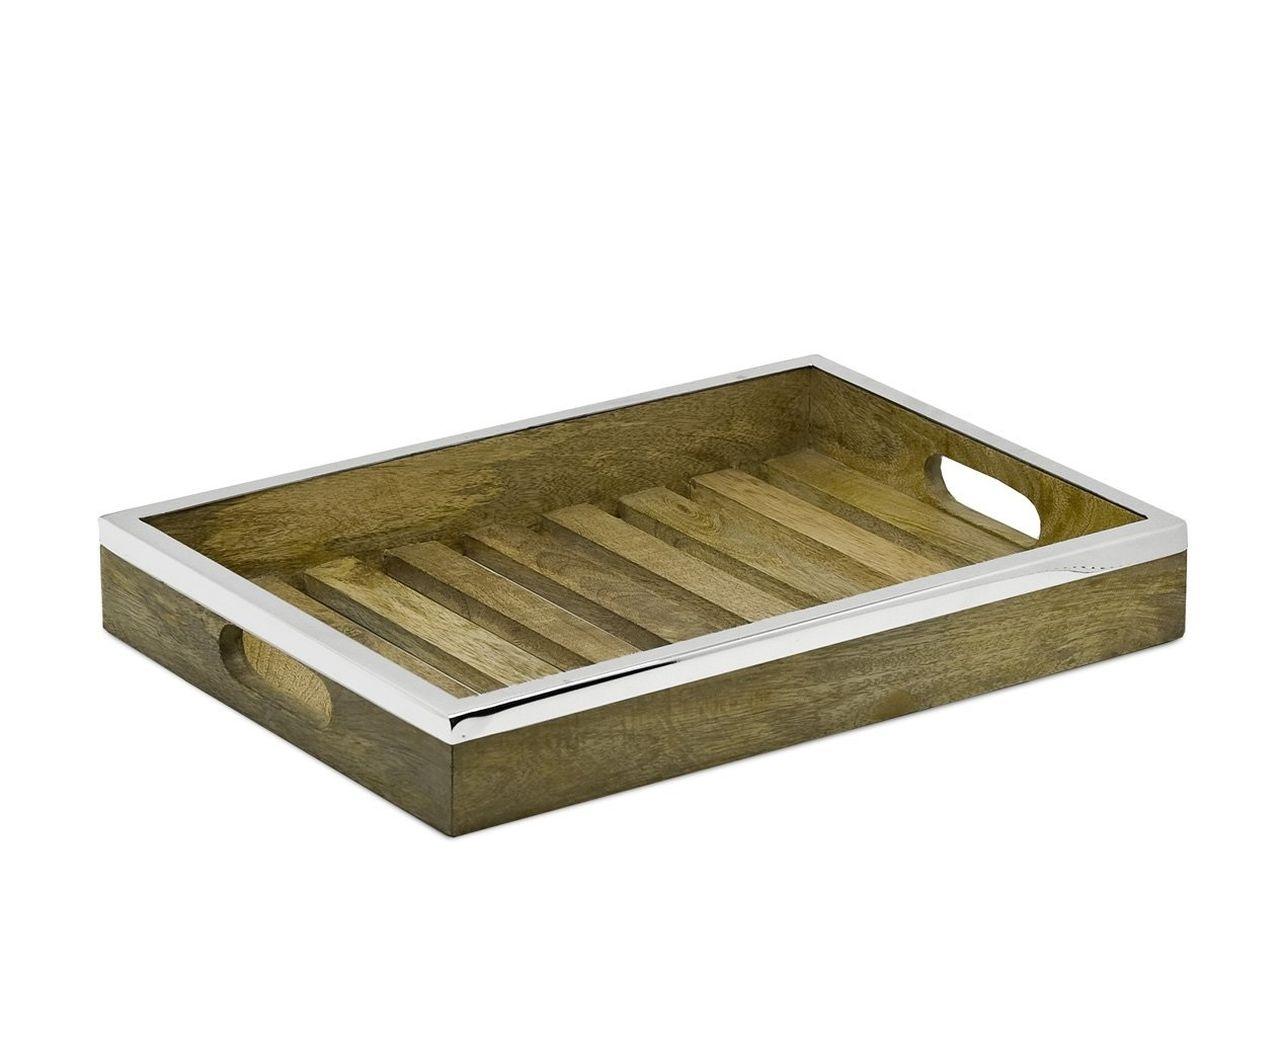 Vassoio rettangolare in legno e acciaio inox cm.45x32,5x6,5h